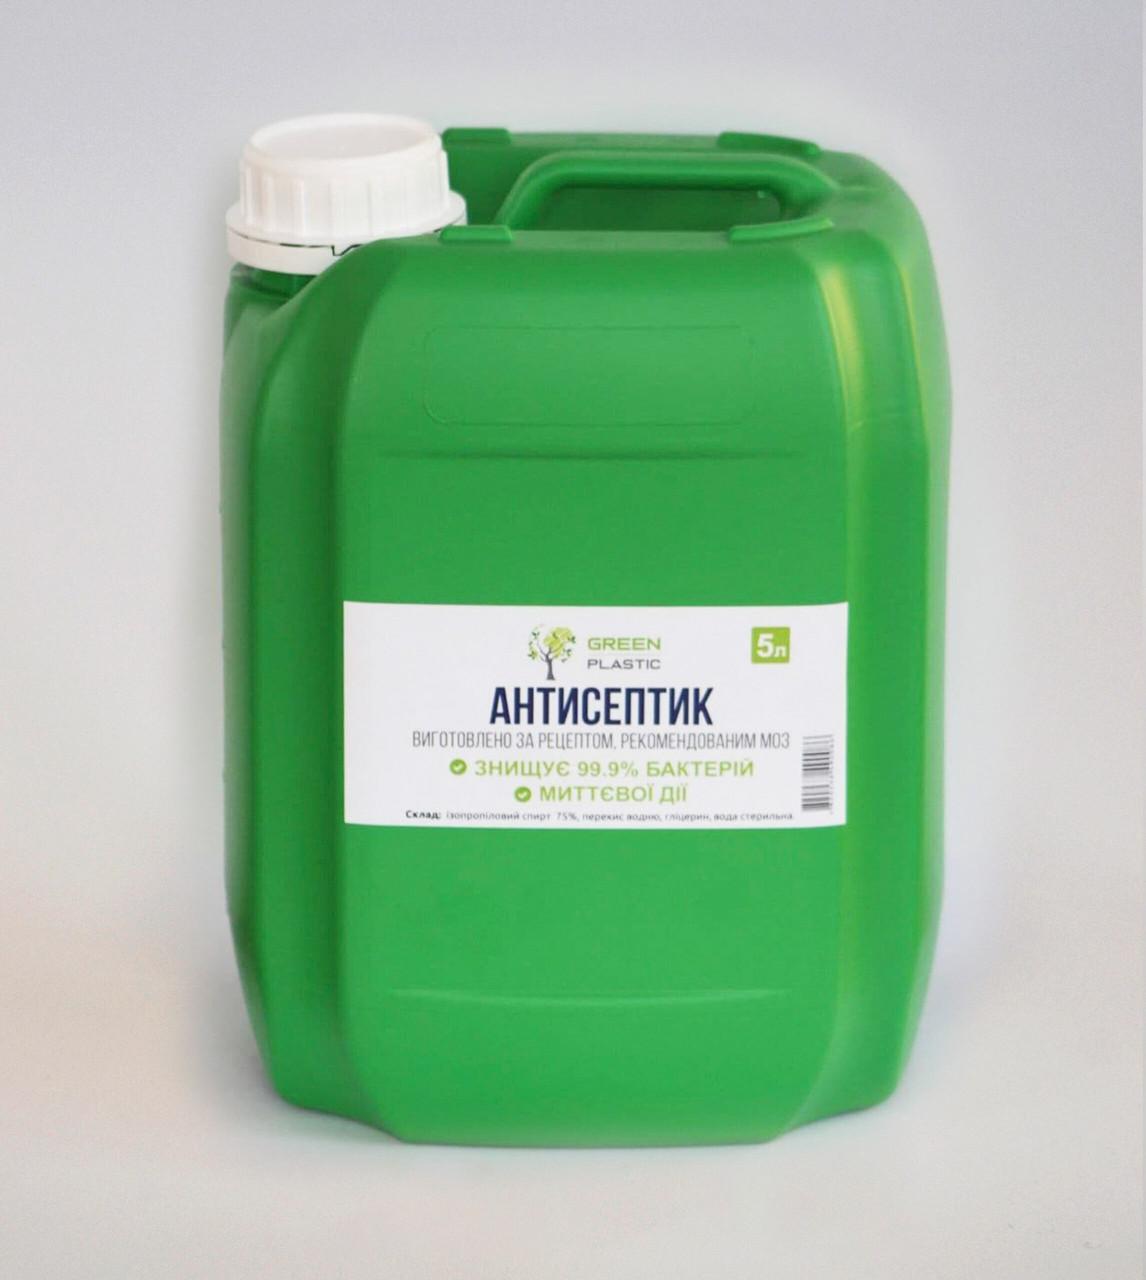 Антисептик для рук GREEN PLASTIC, 5л